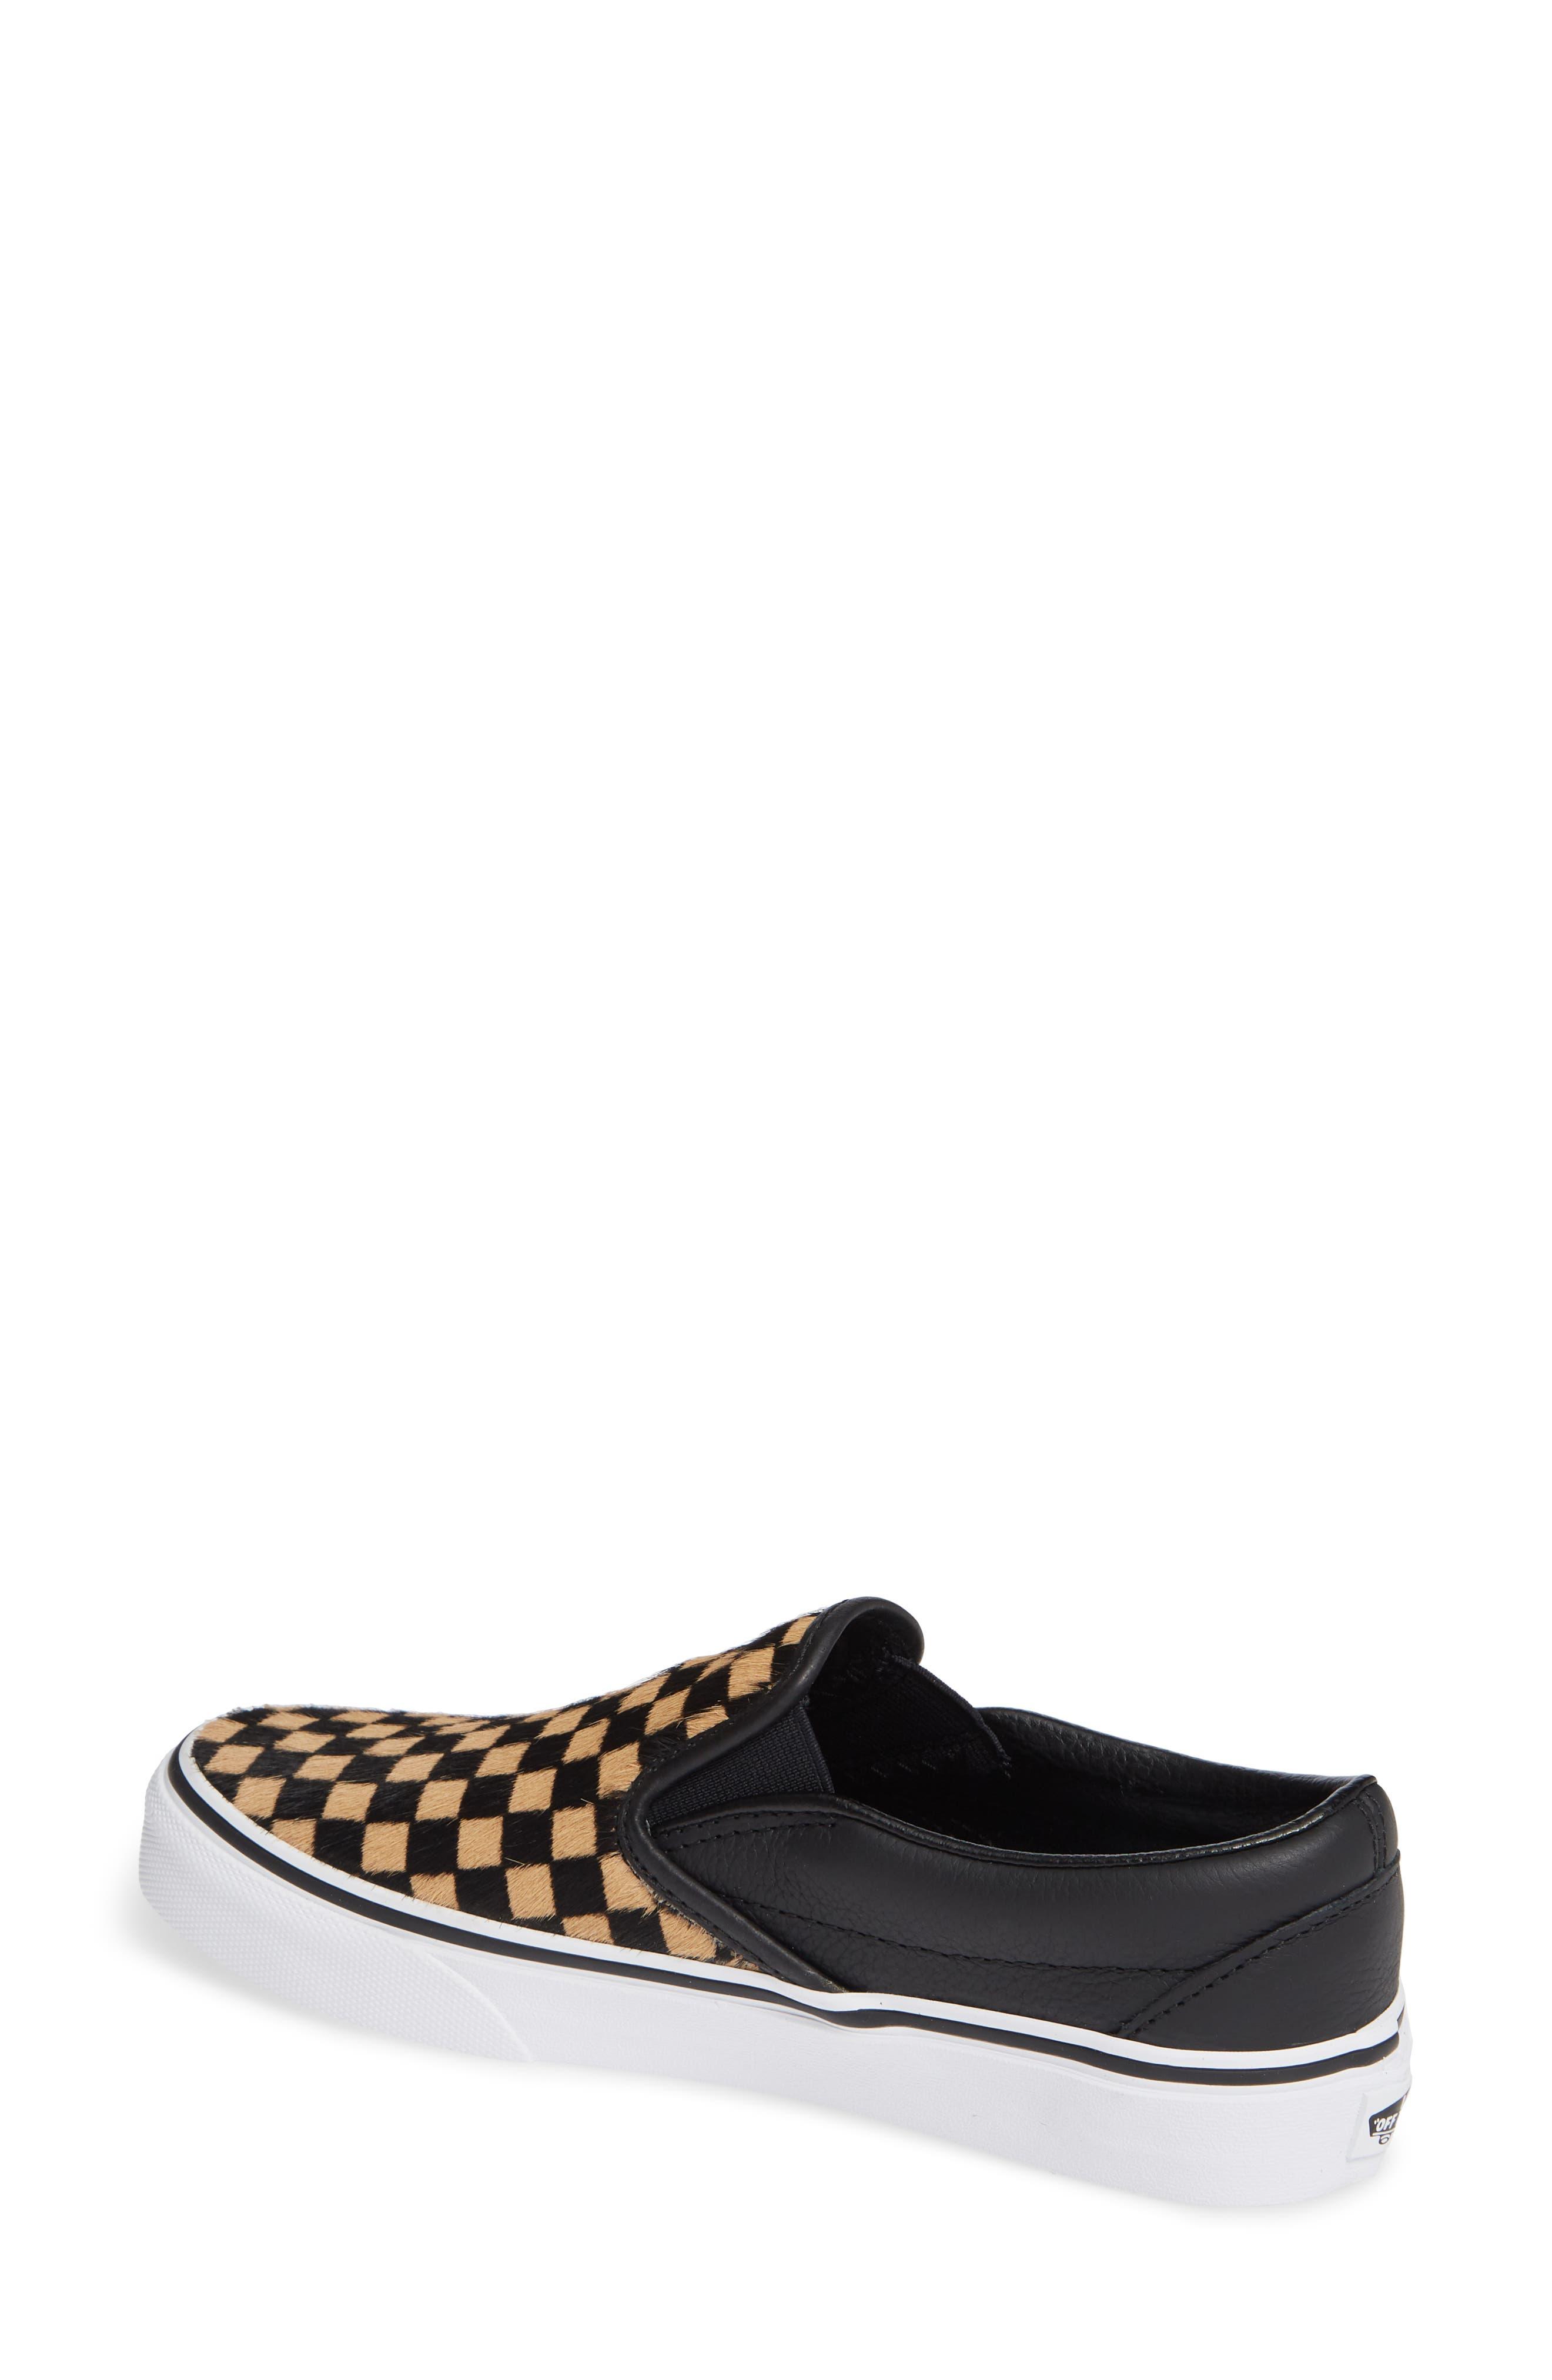 VANS,                             UA Classic Genuine Calf Hair Slip-On Sneaker,                             Alternate thumbnail 2, color,                             001